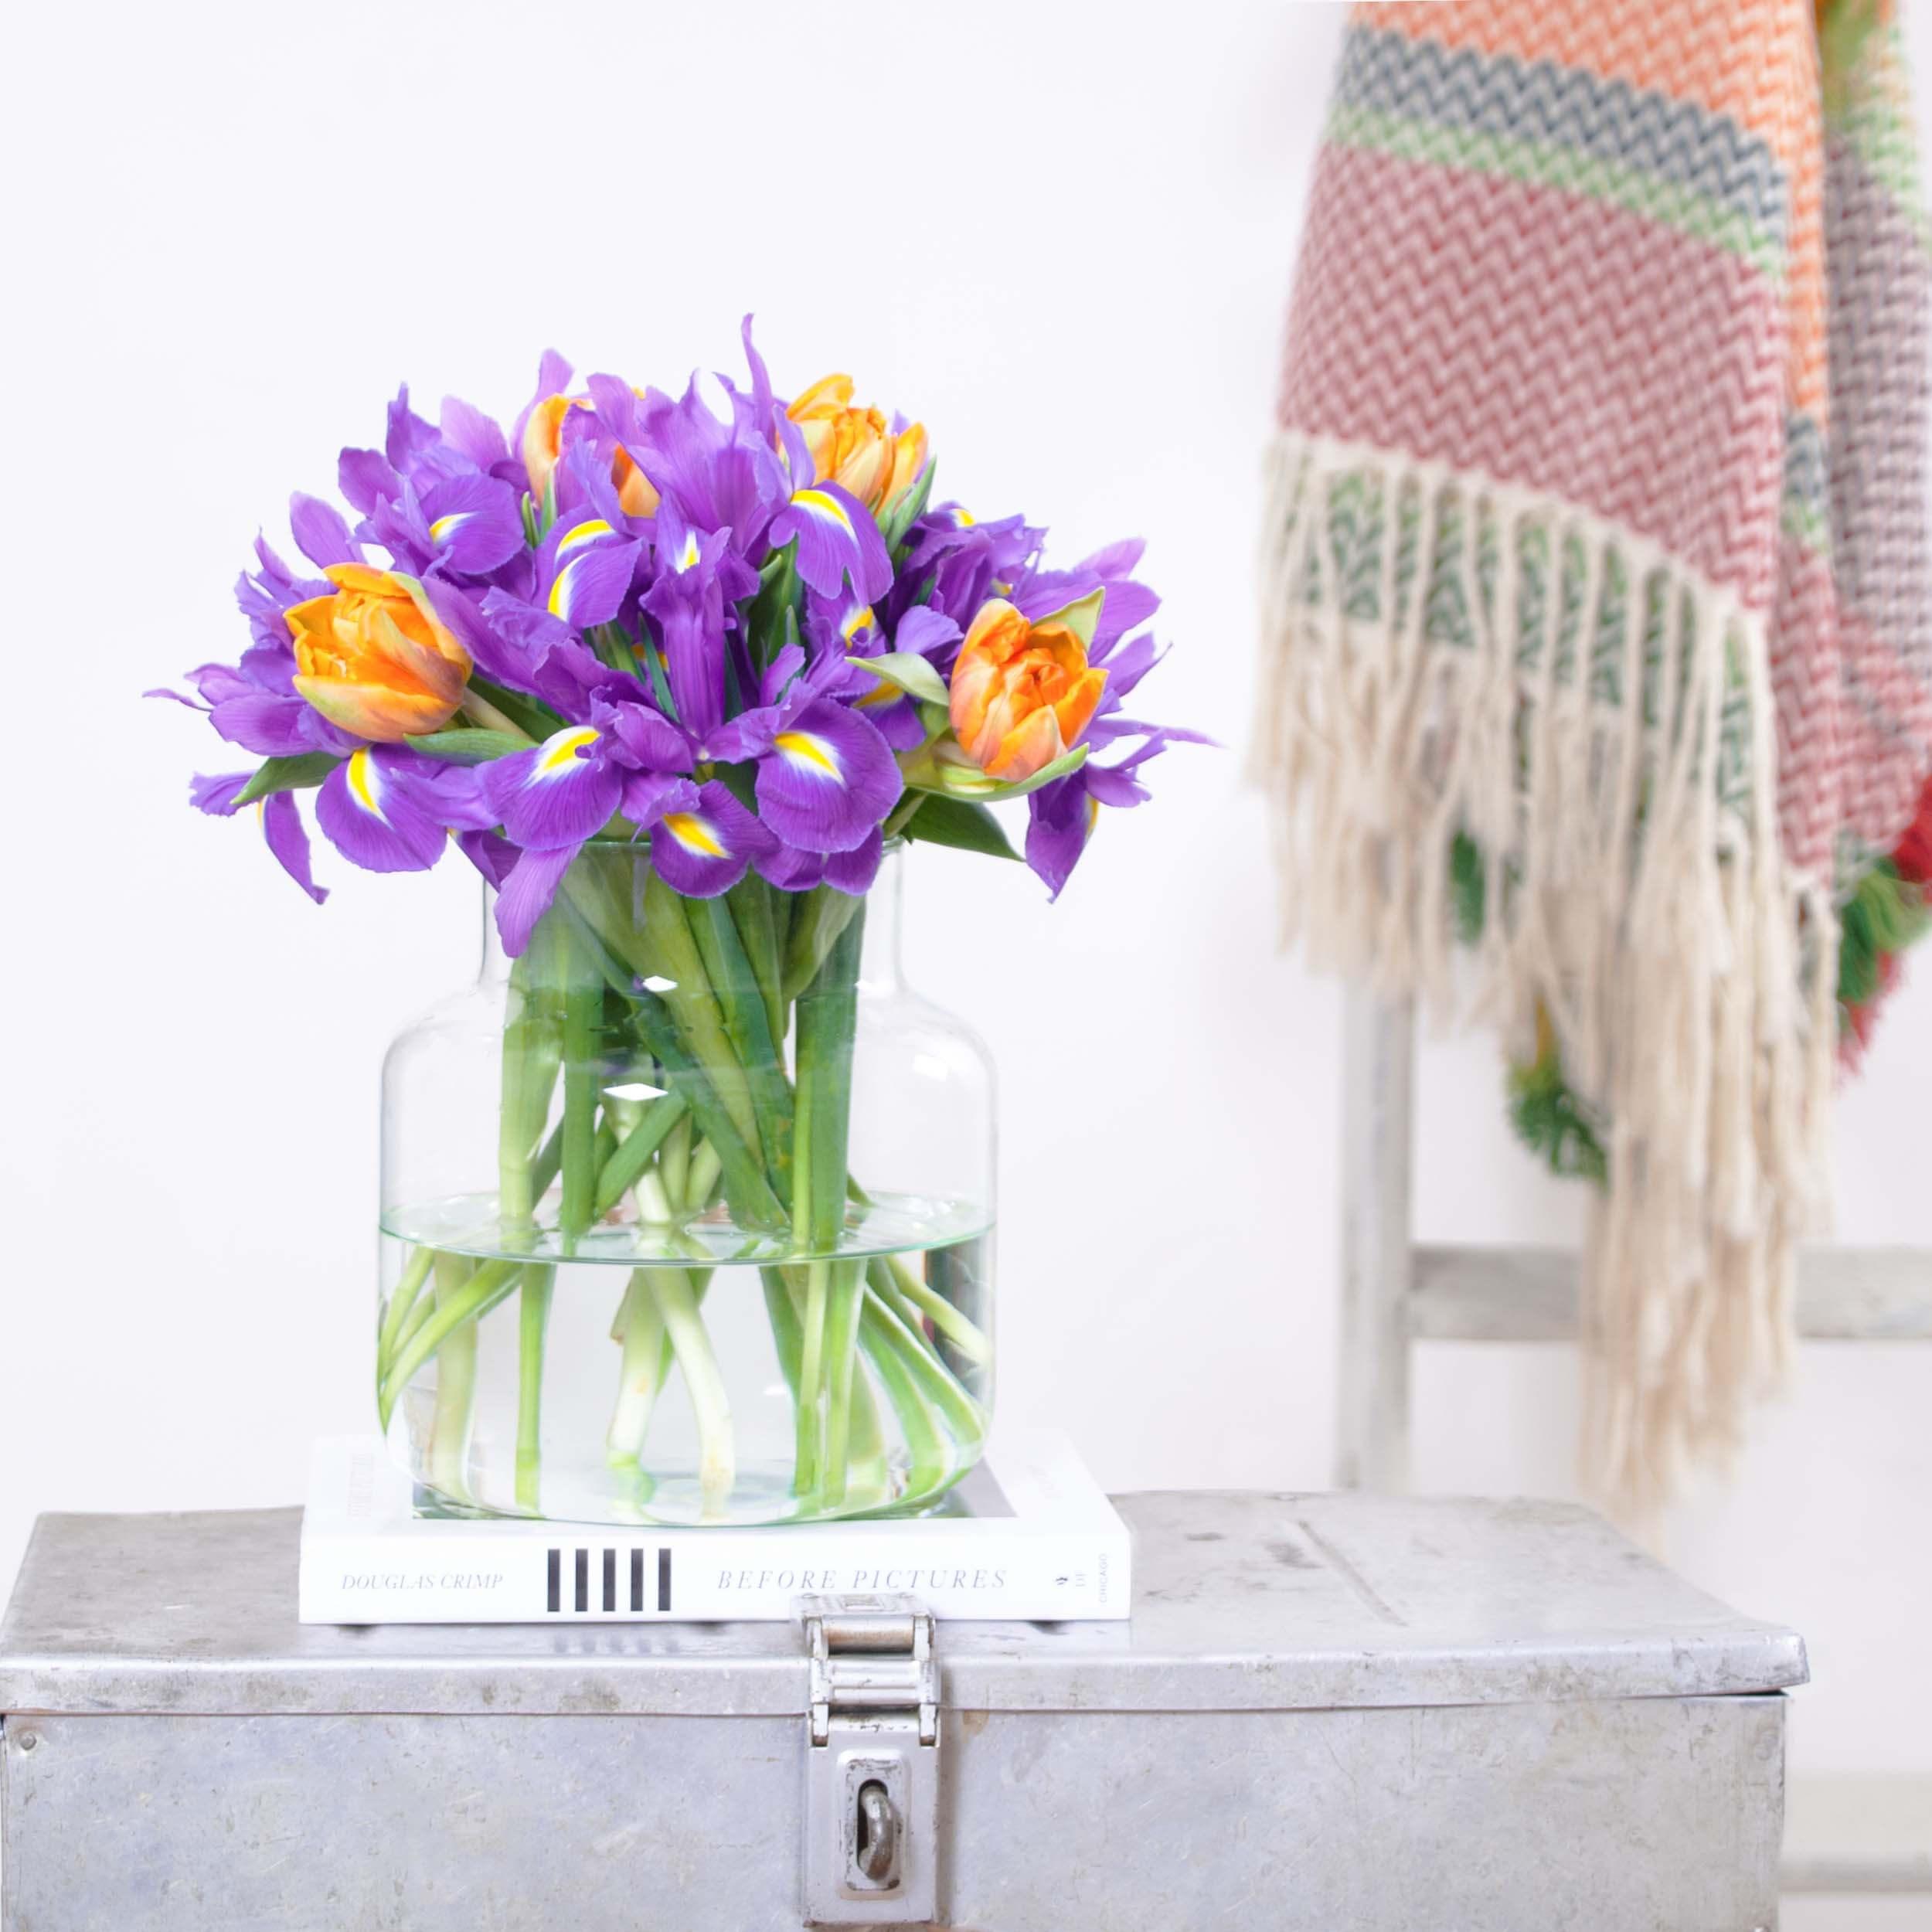 Blumensträuße für 9,90€ inkl. Versand (Bloomydays)